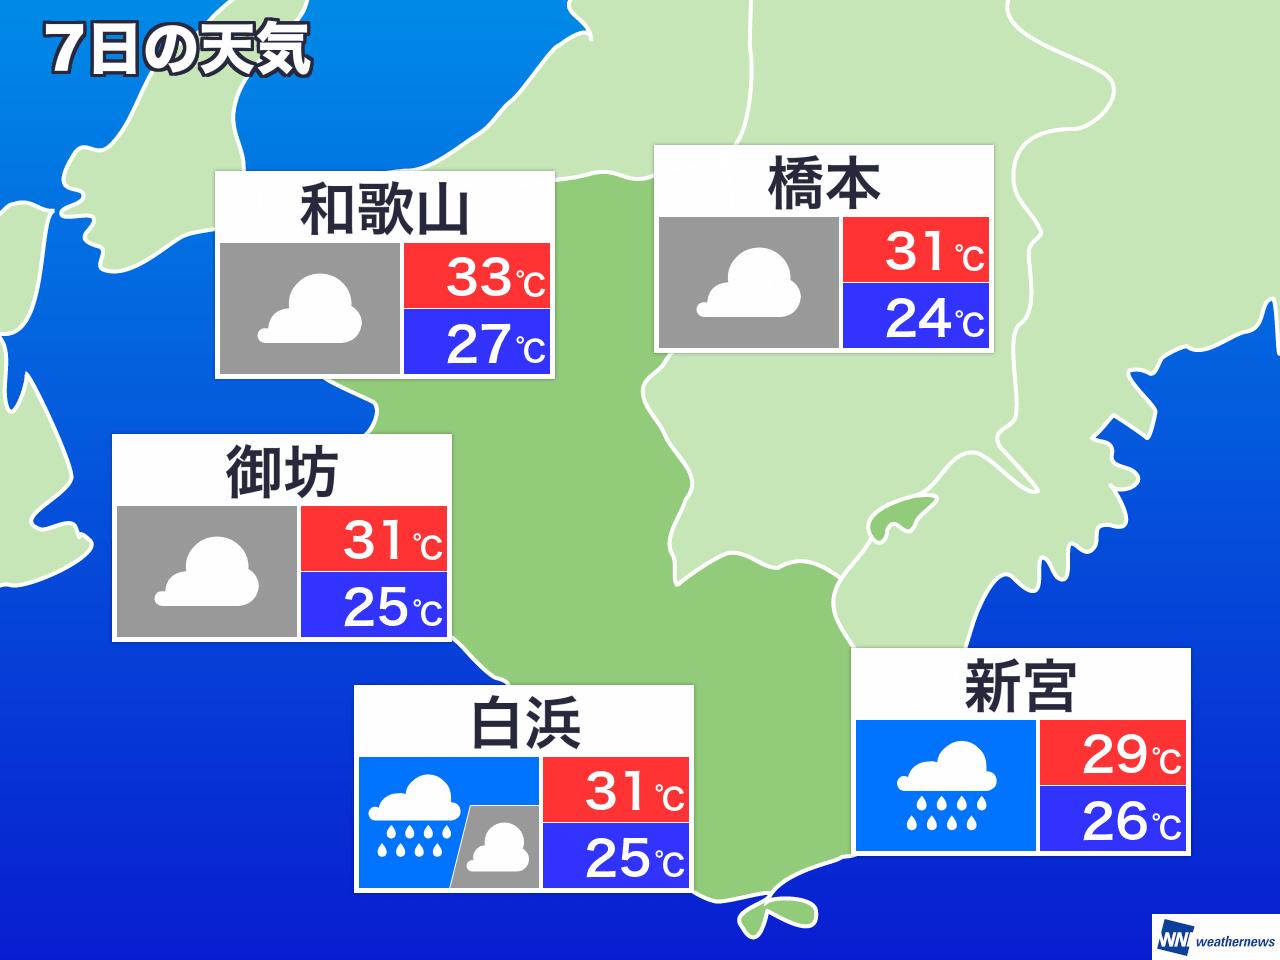 明日 の 天気 和歌山 神奈川県 今日・明日の天気、気温、警報 @nifty天気予報